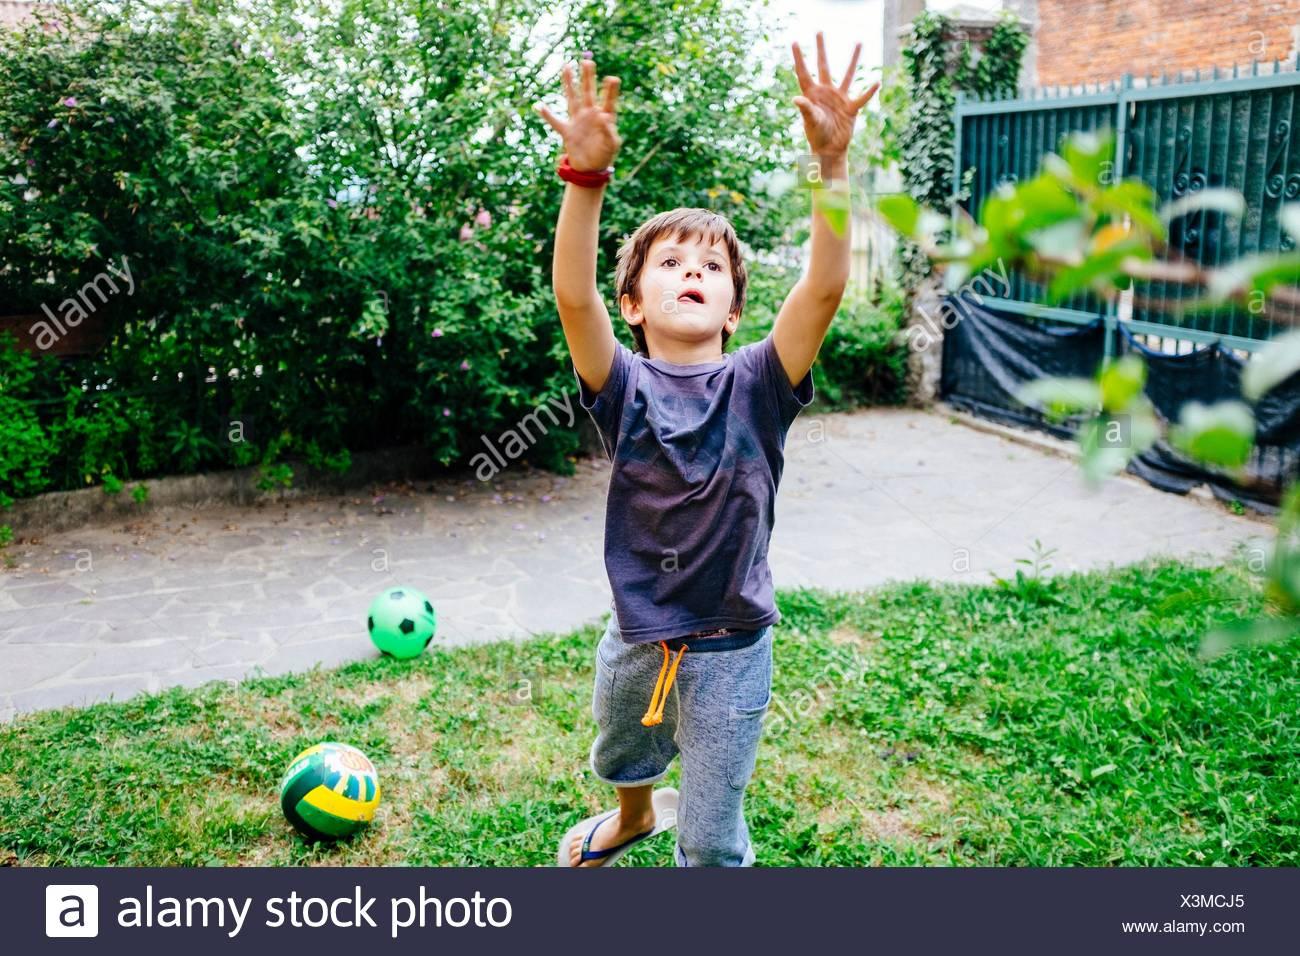 Balle enfant joue dans le jardin de la maison Photo Stock